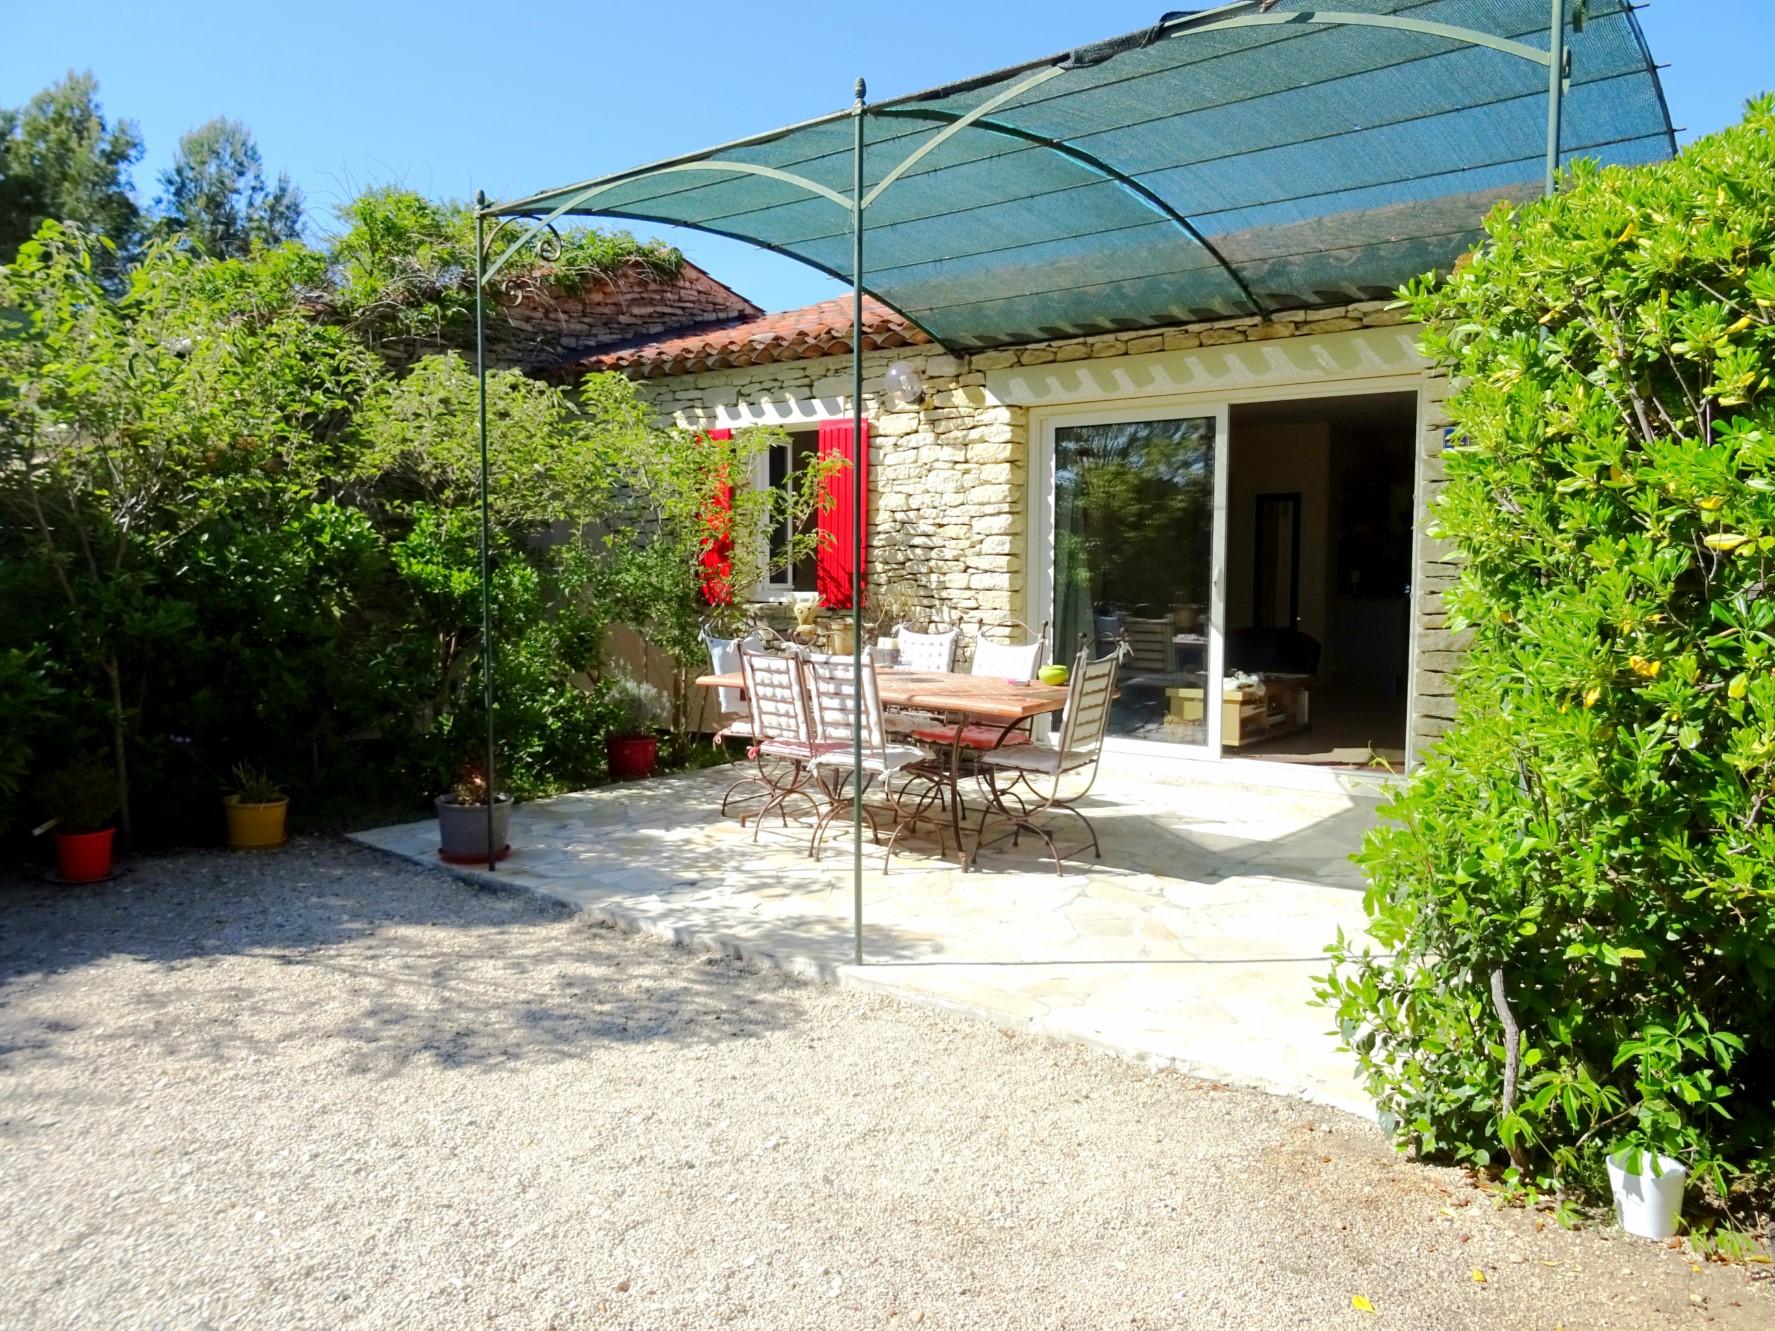 Maison meublée en pierres apparentes à vendre, très proche du centre de Gordes